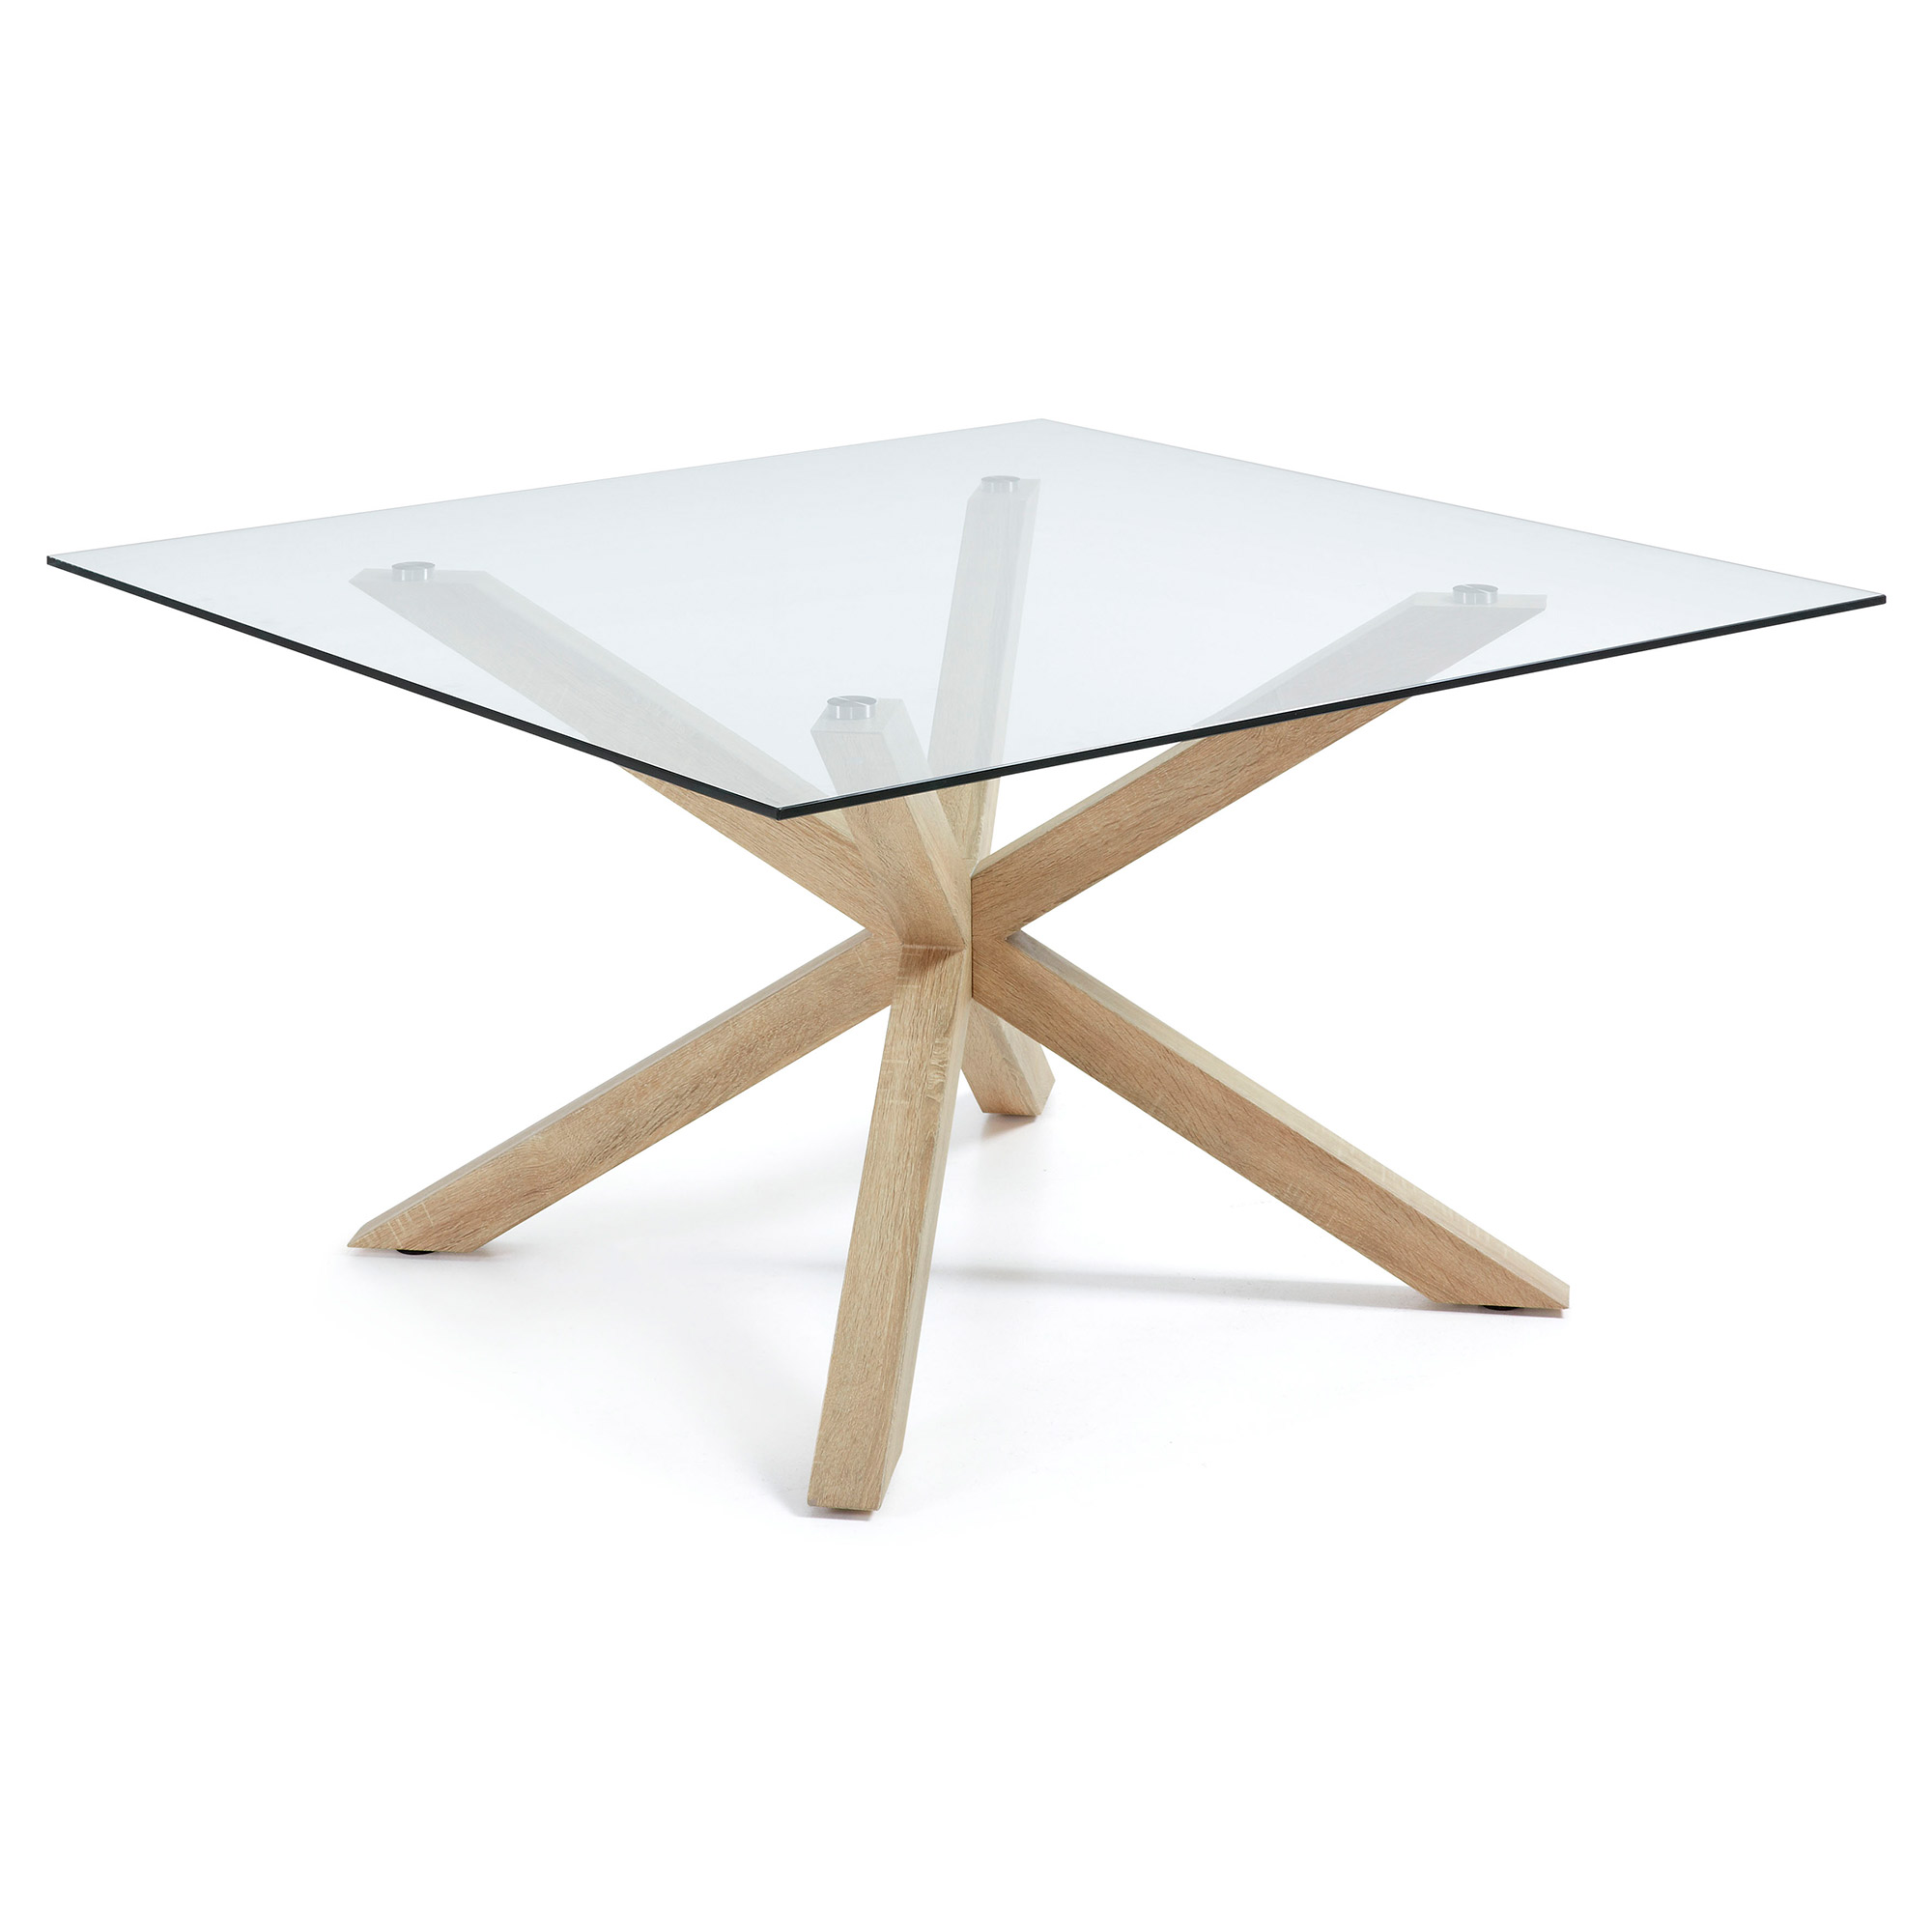 Laforma arya-c spisebord - klar glas og natur, kvadratisk (149x149) fra laforma på boboonline.dk